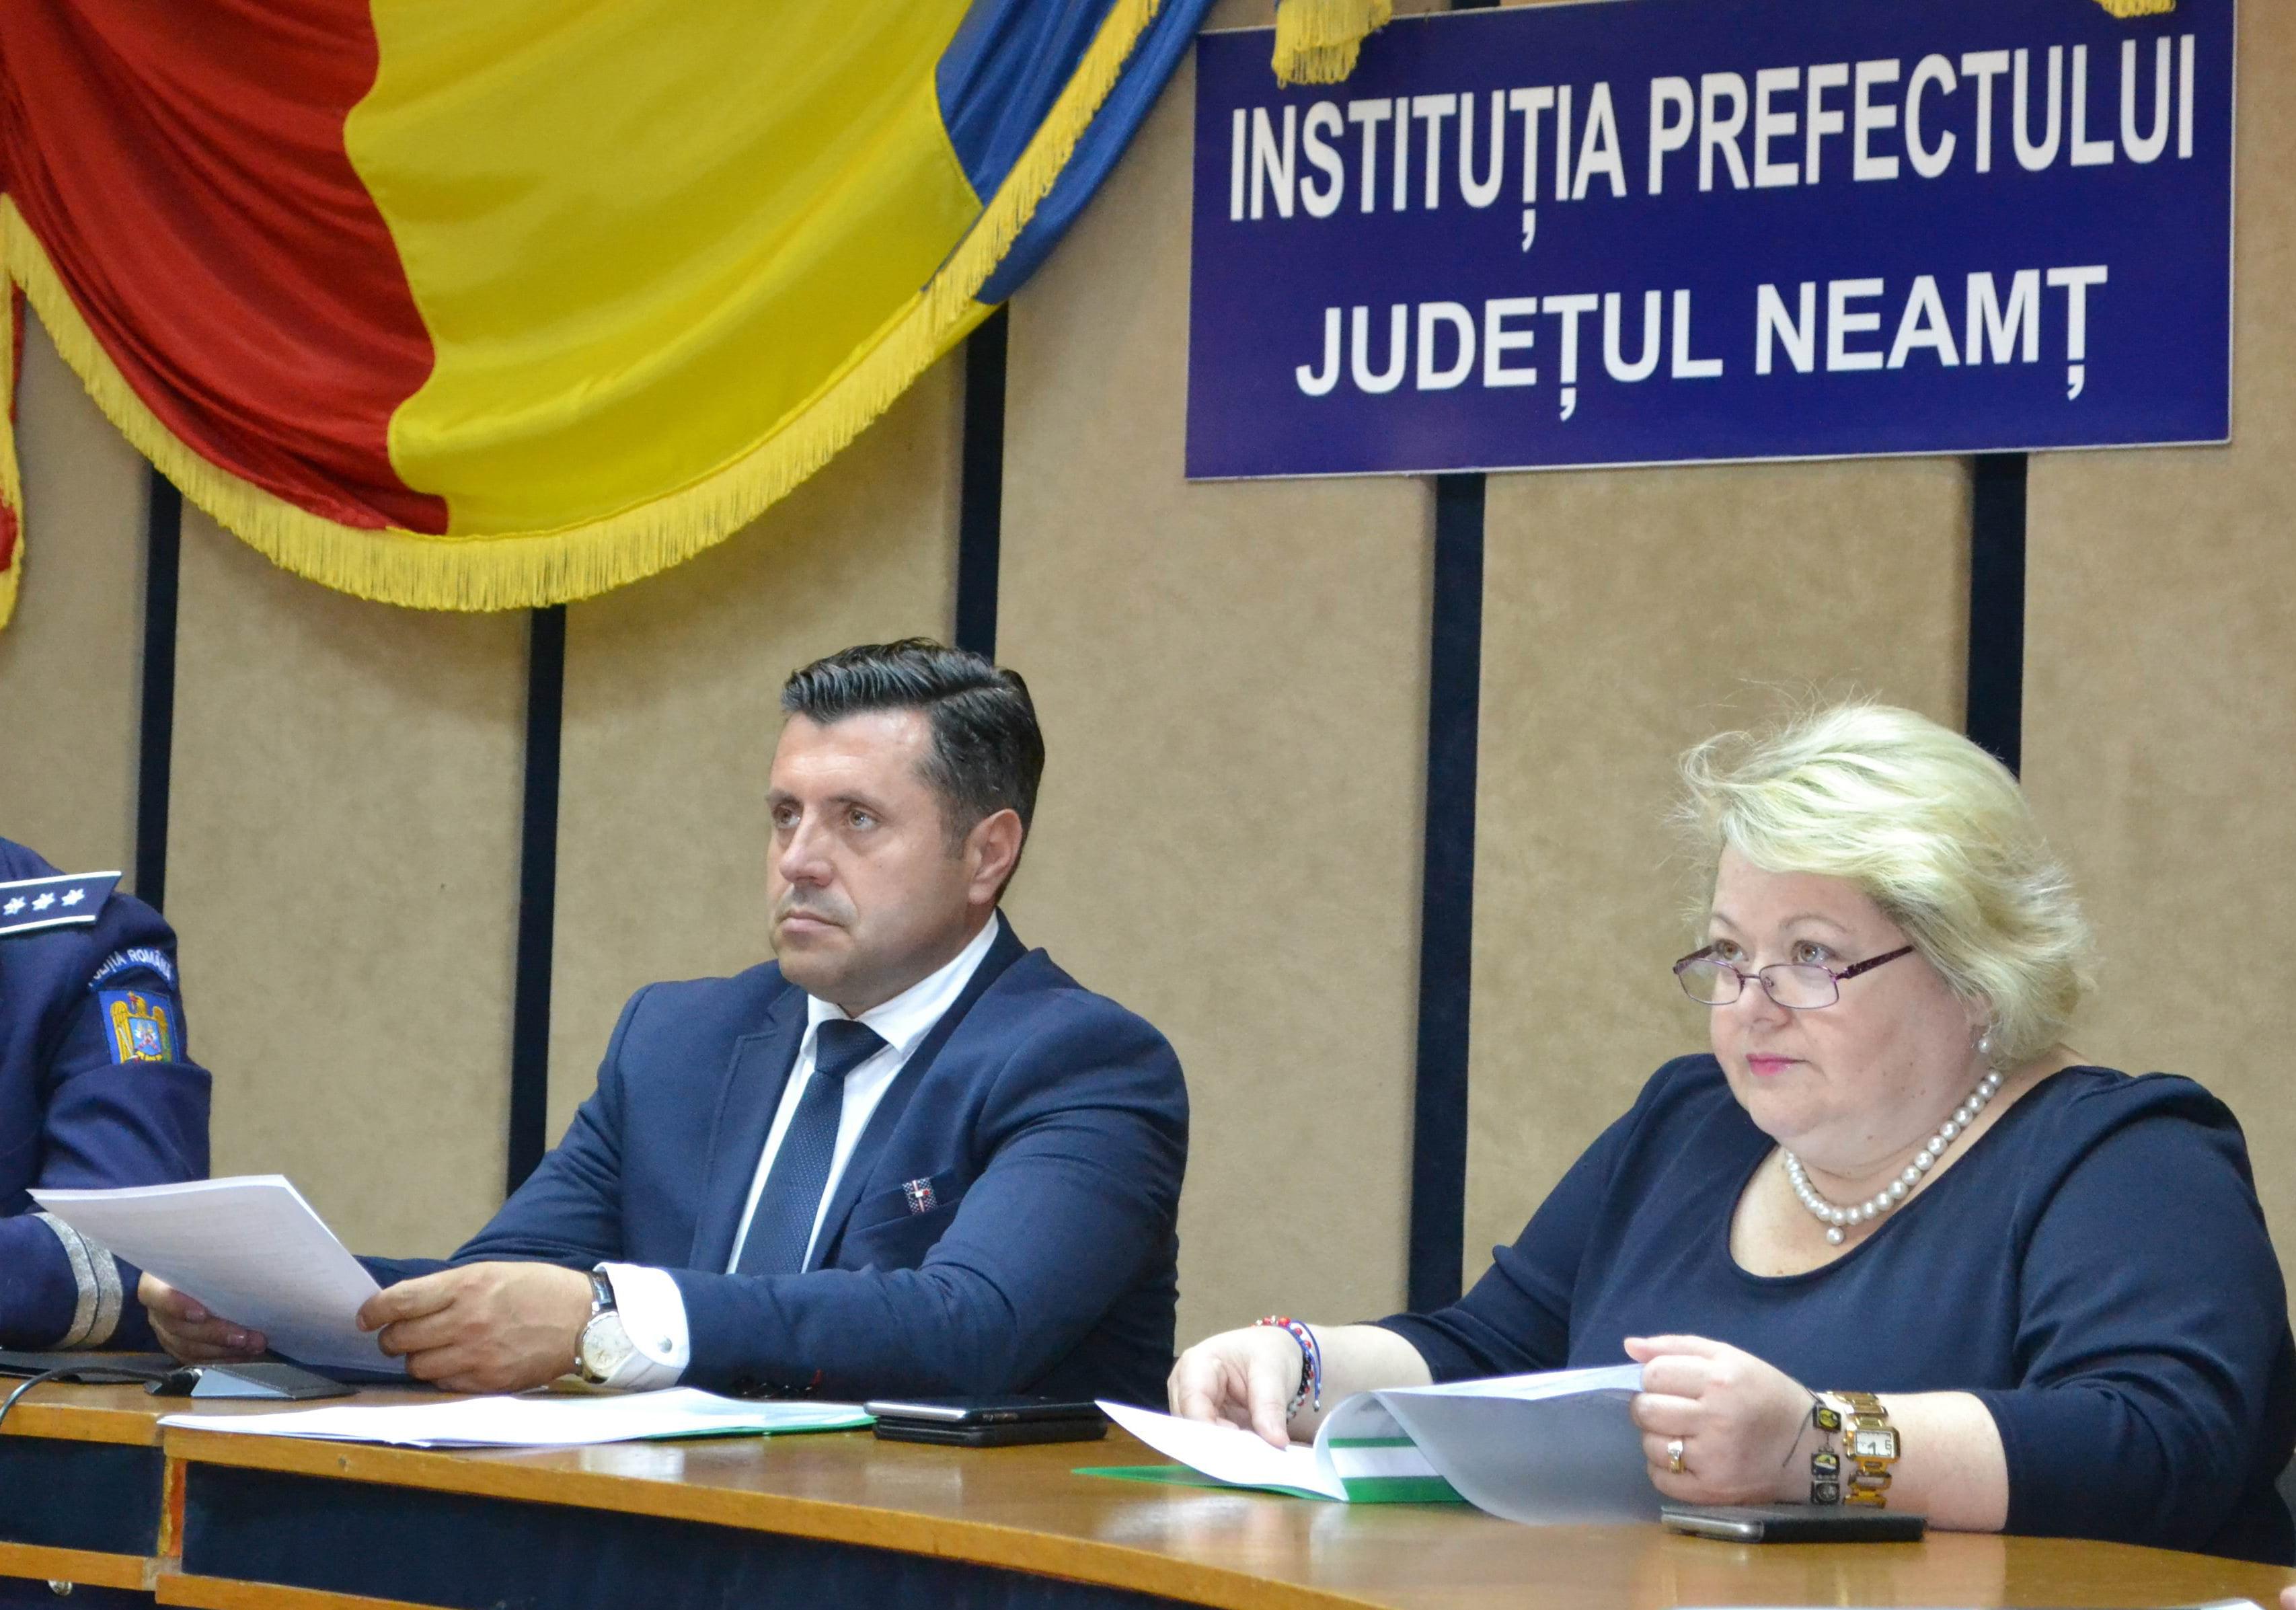 Prefectul Vasile Panaite a fost demis. În locul lui a fost numită Daniela Soroceanu